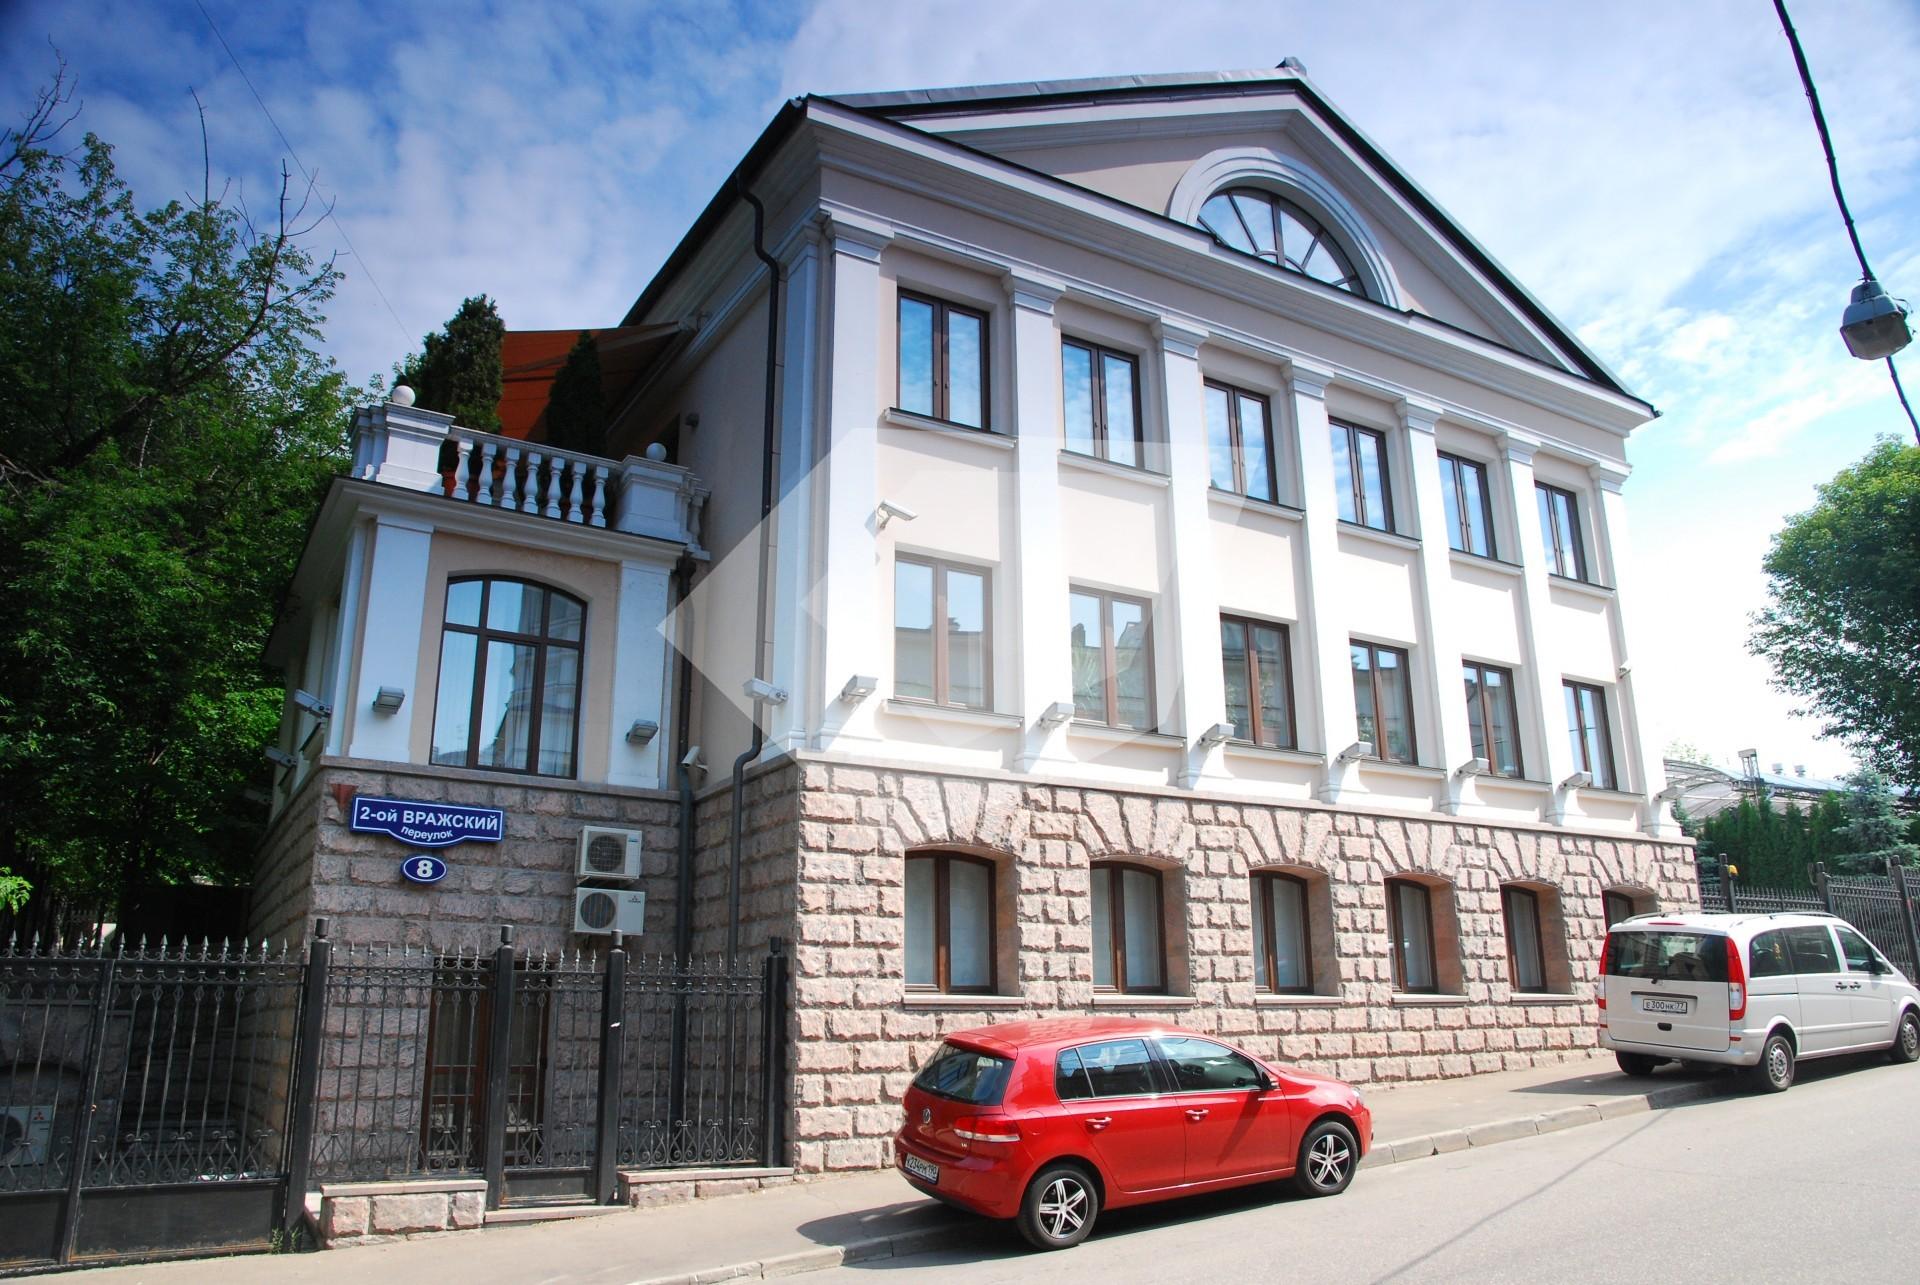 Снять помещение под офис Вражский 2-й переулок коммерческая недвижимость в никольске пензенская область